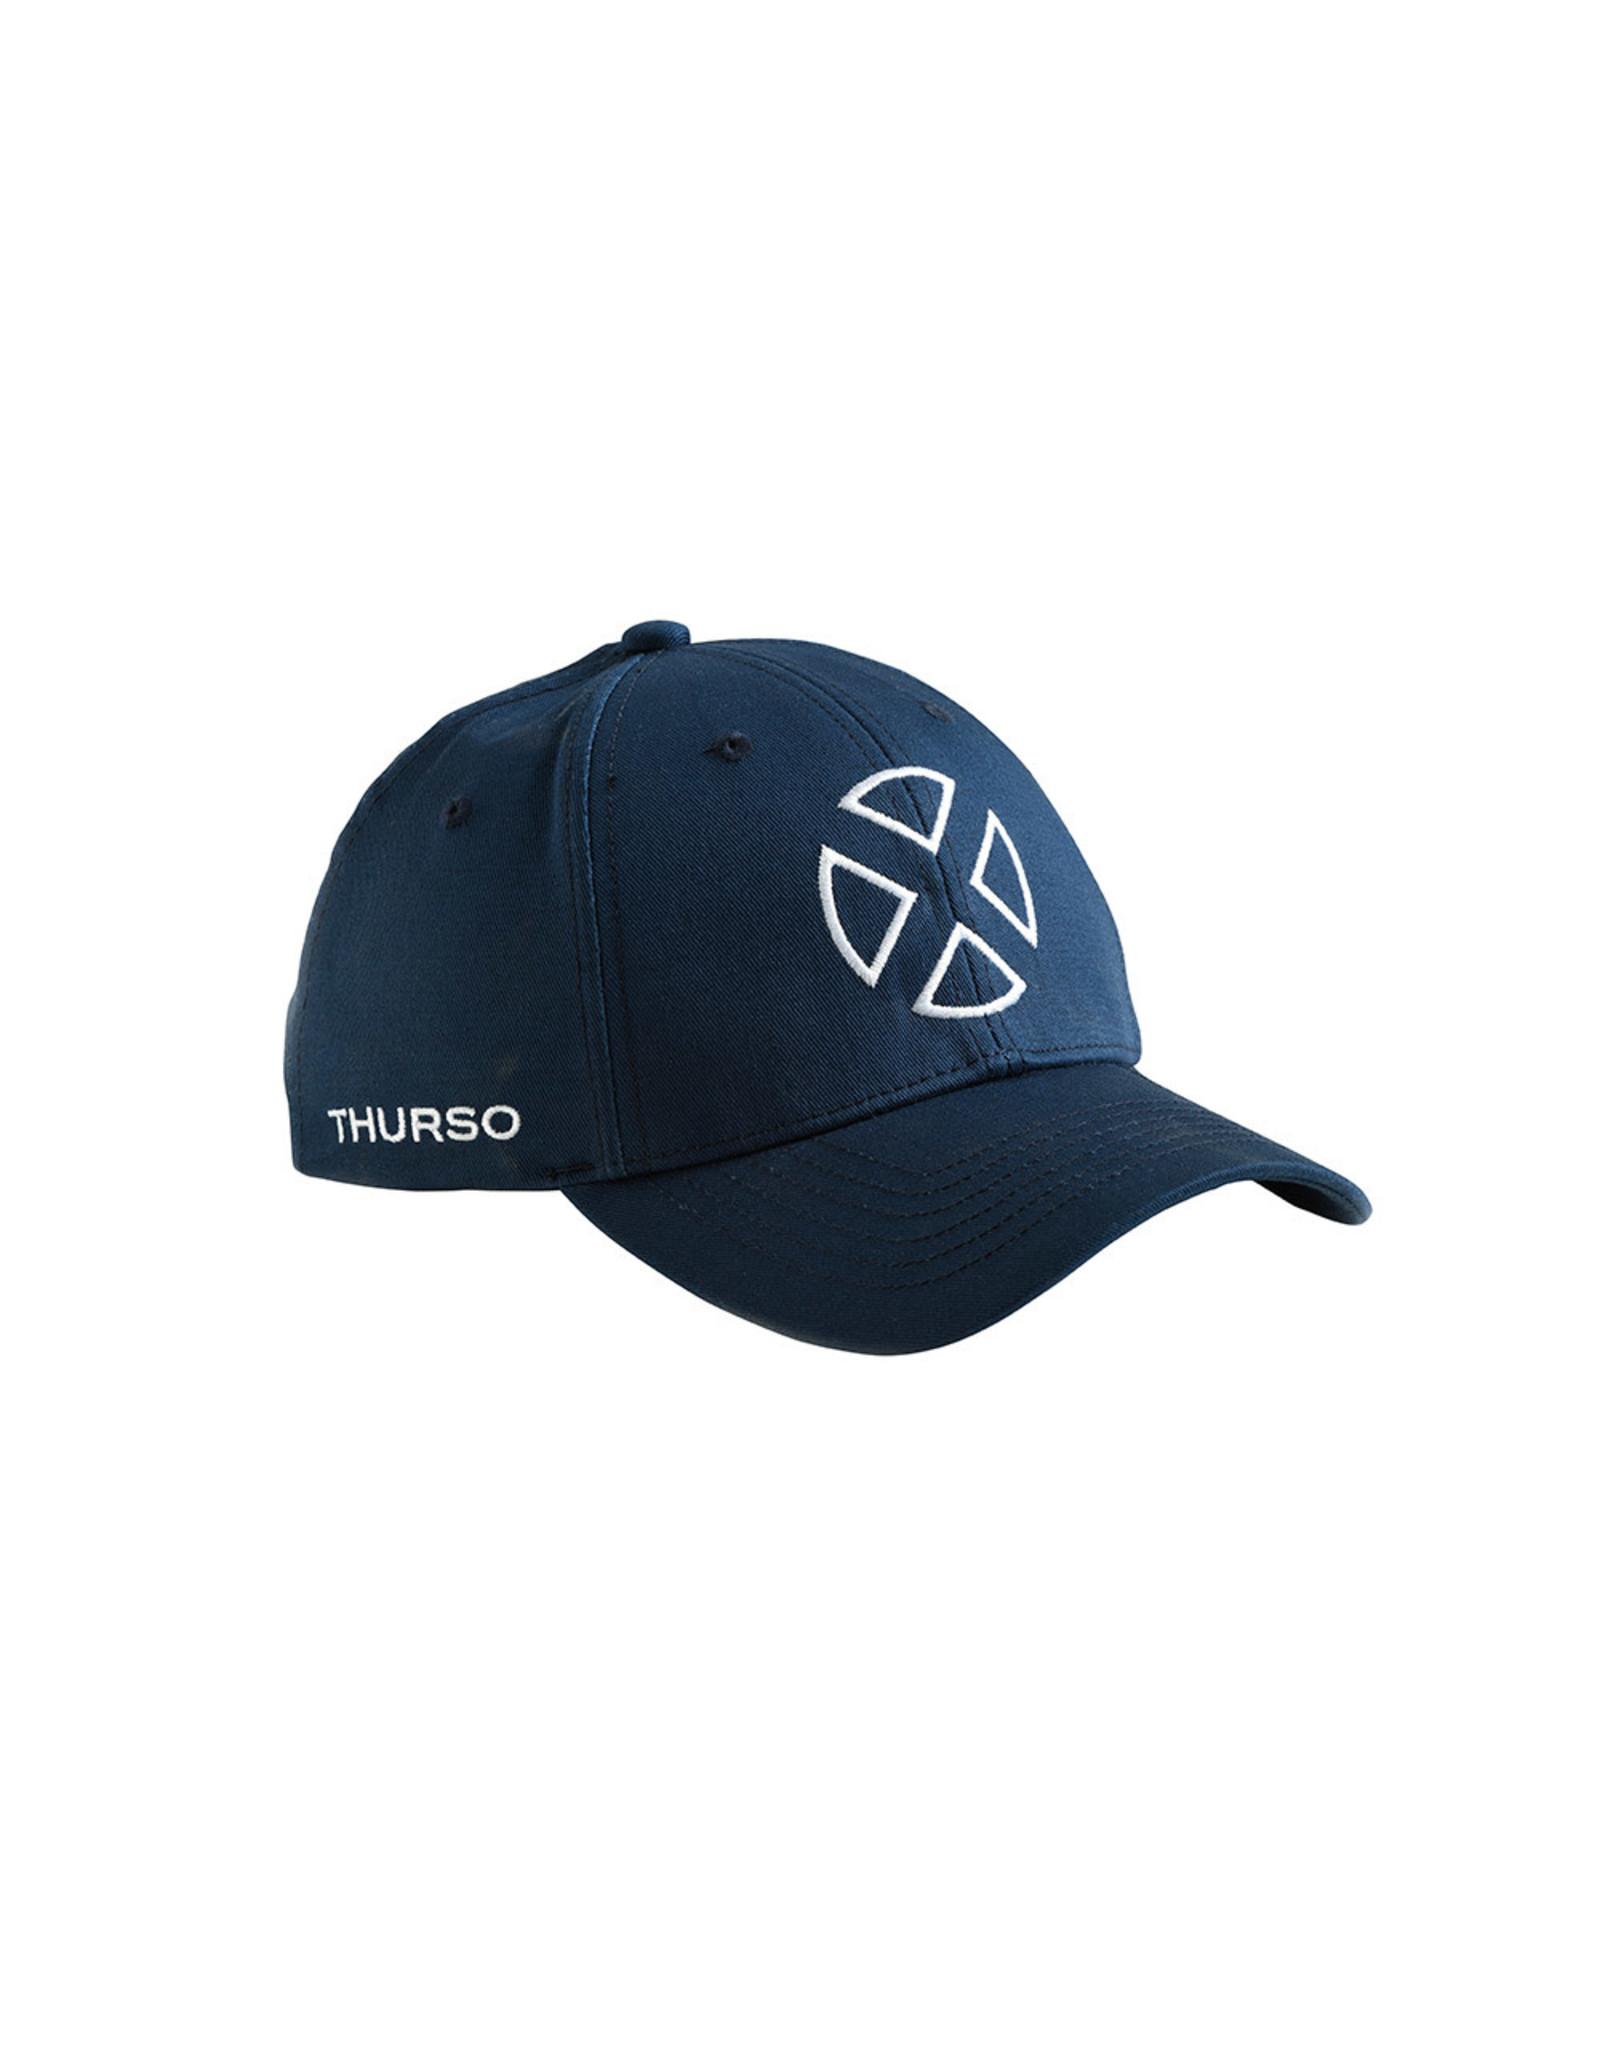 THURSO THURSO CAP 18